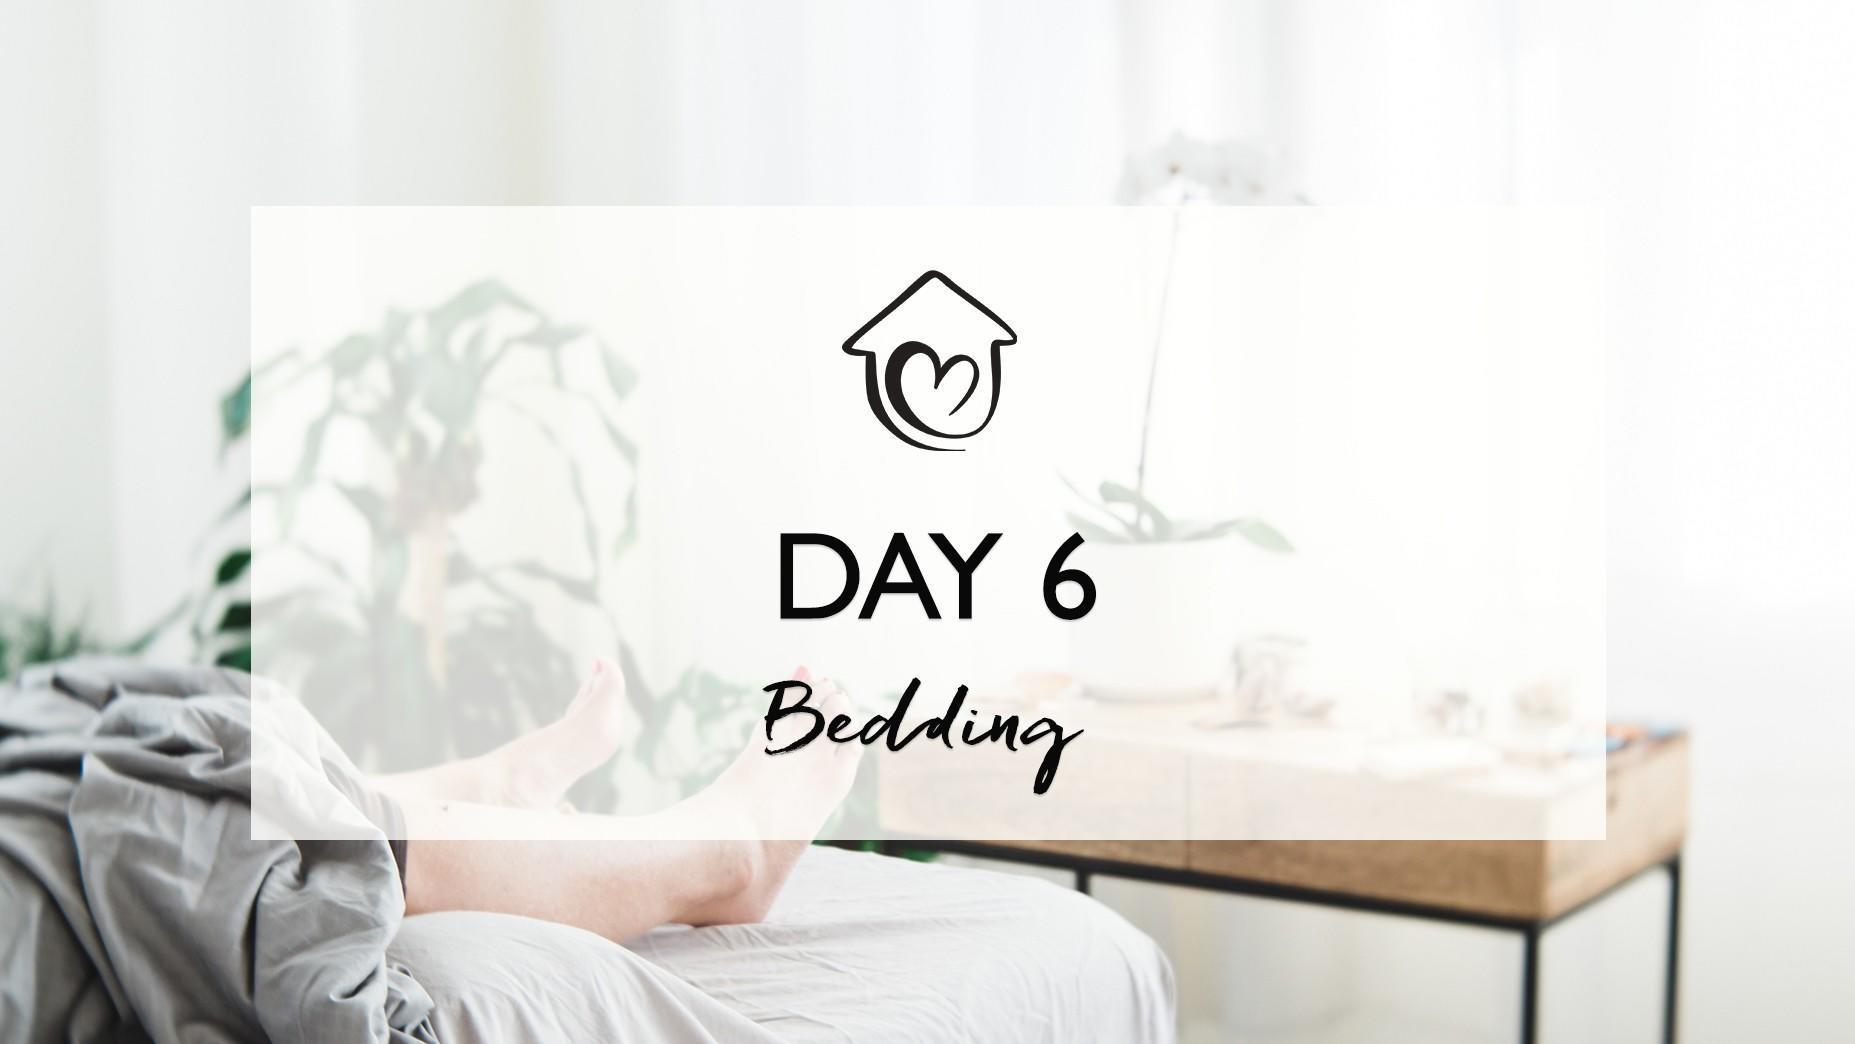 Day 6 - Bedding